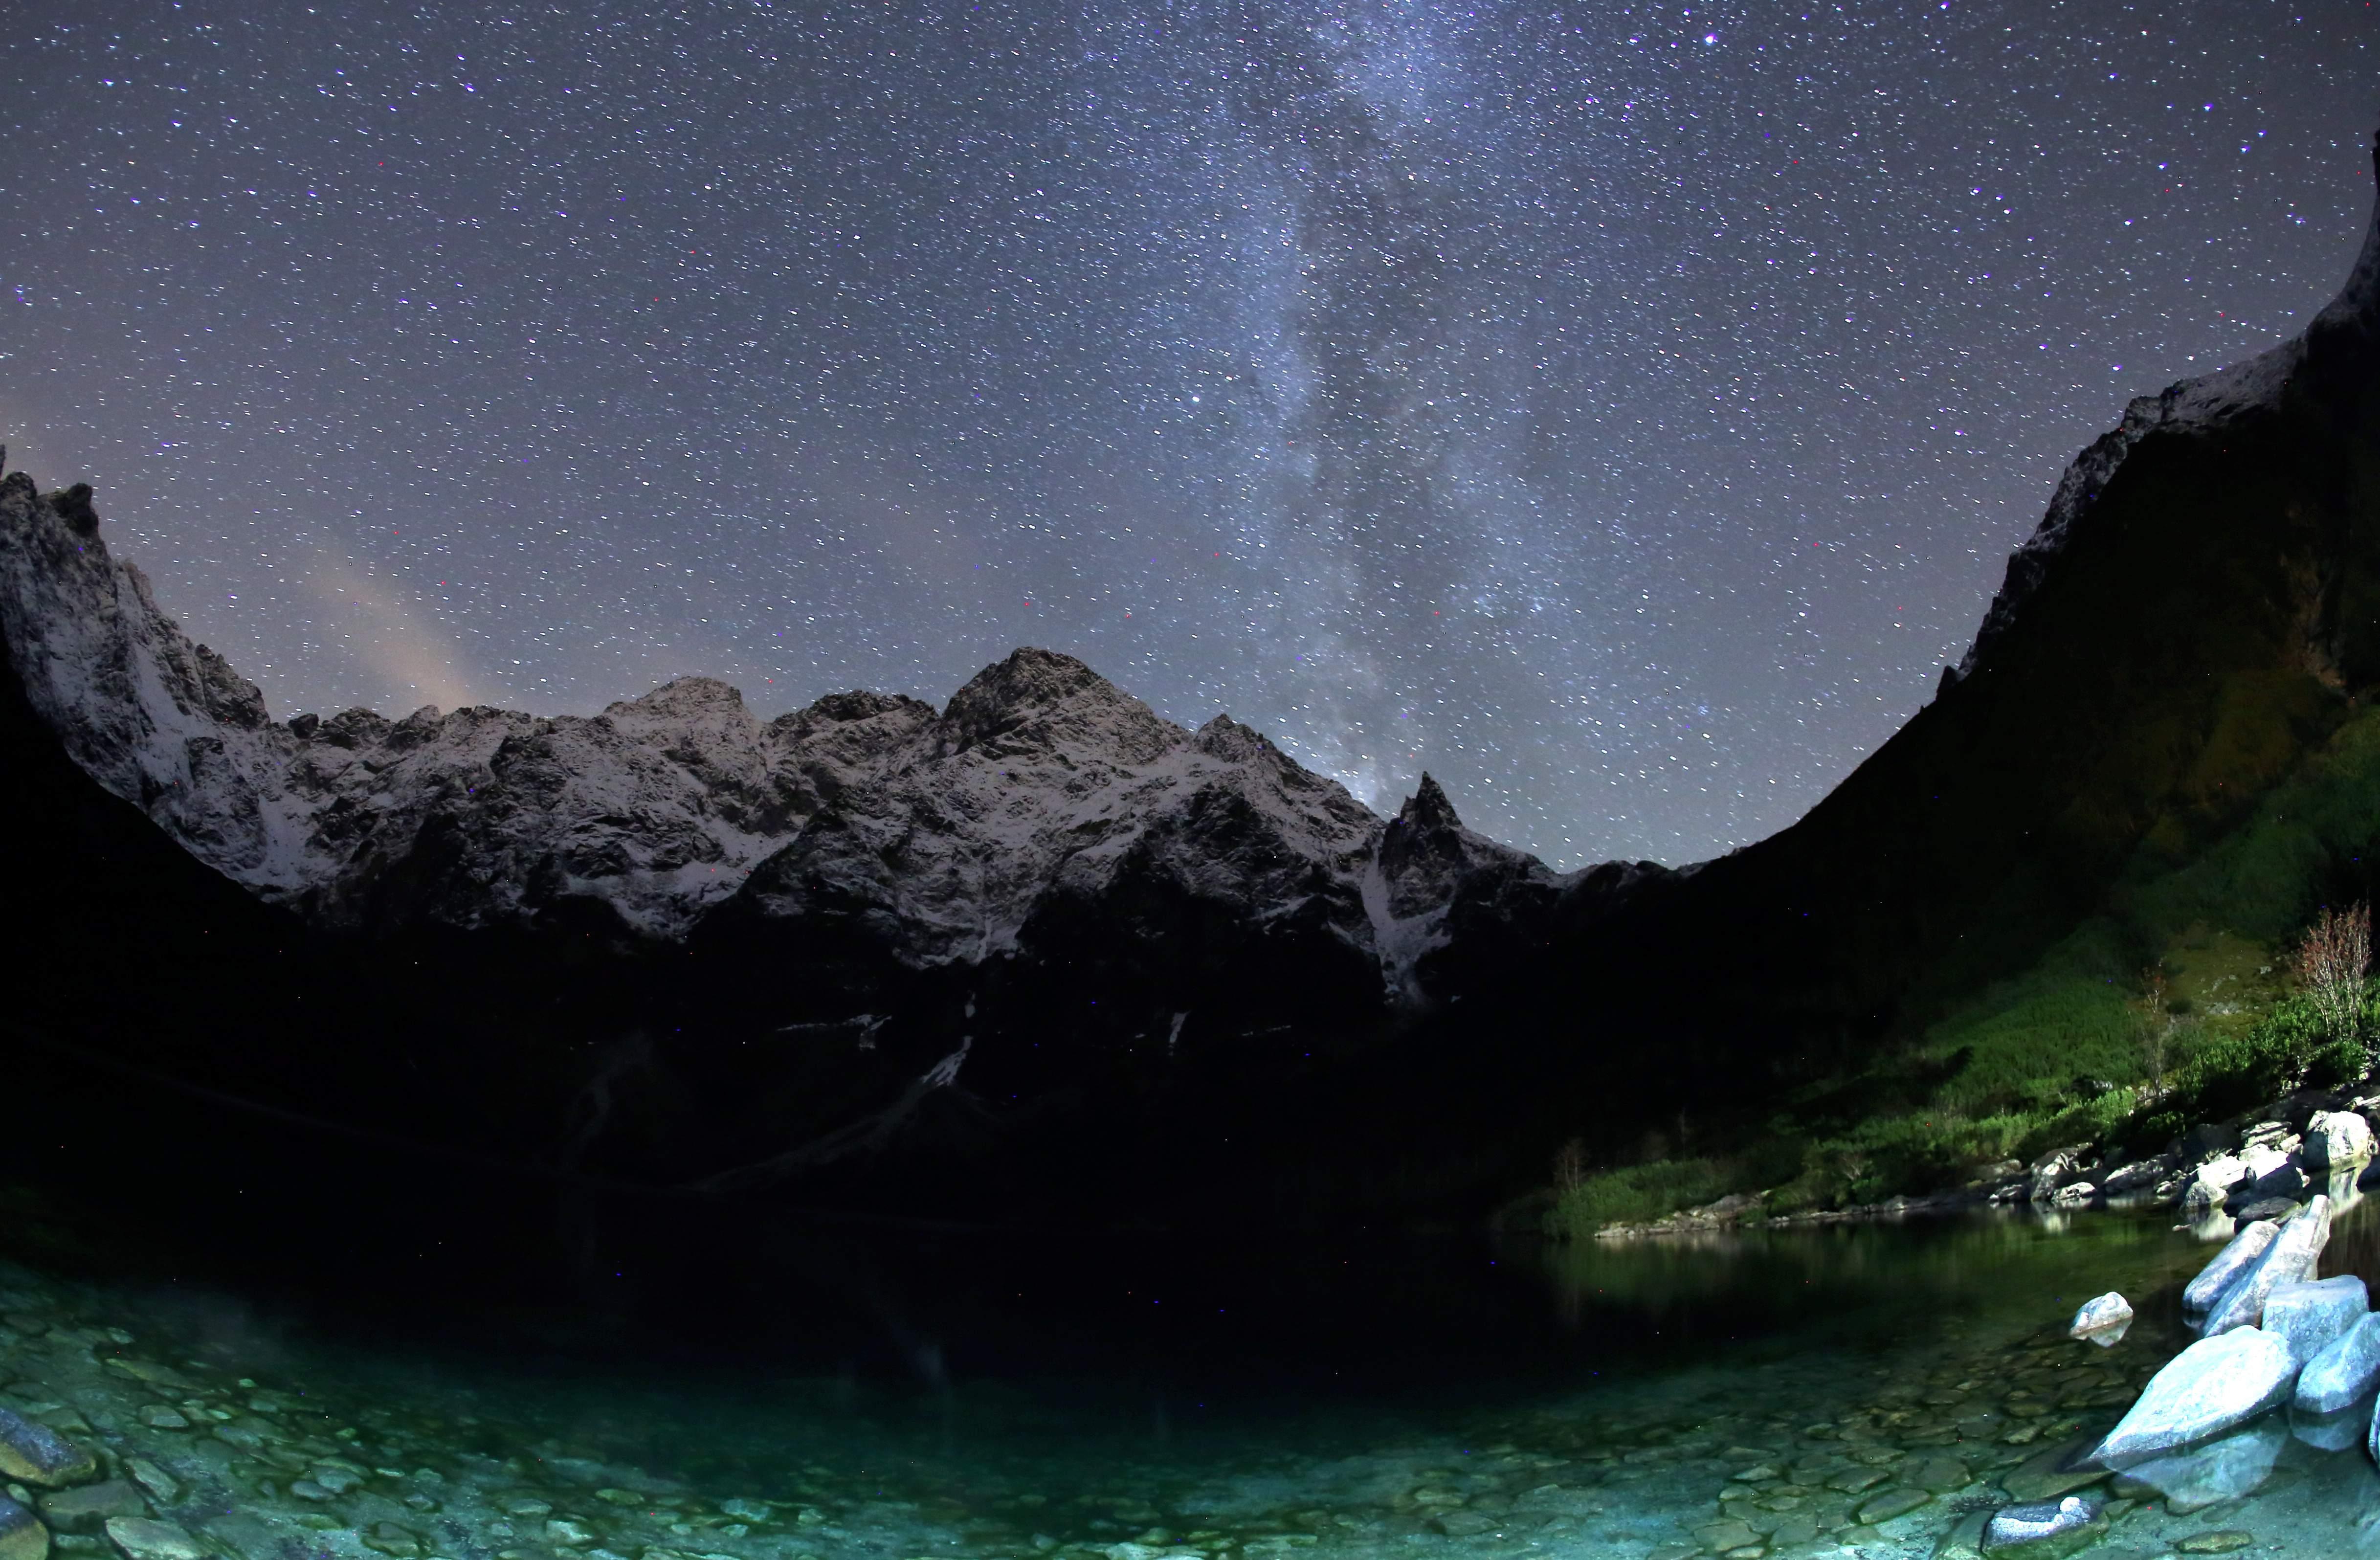 Droga Mleczna widoczna nad Morskim Okiem, w nocy z 22 na 23 bm.  fot.PAP/Grzegorz Momot